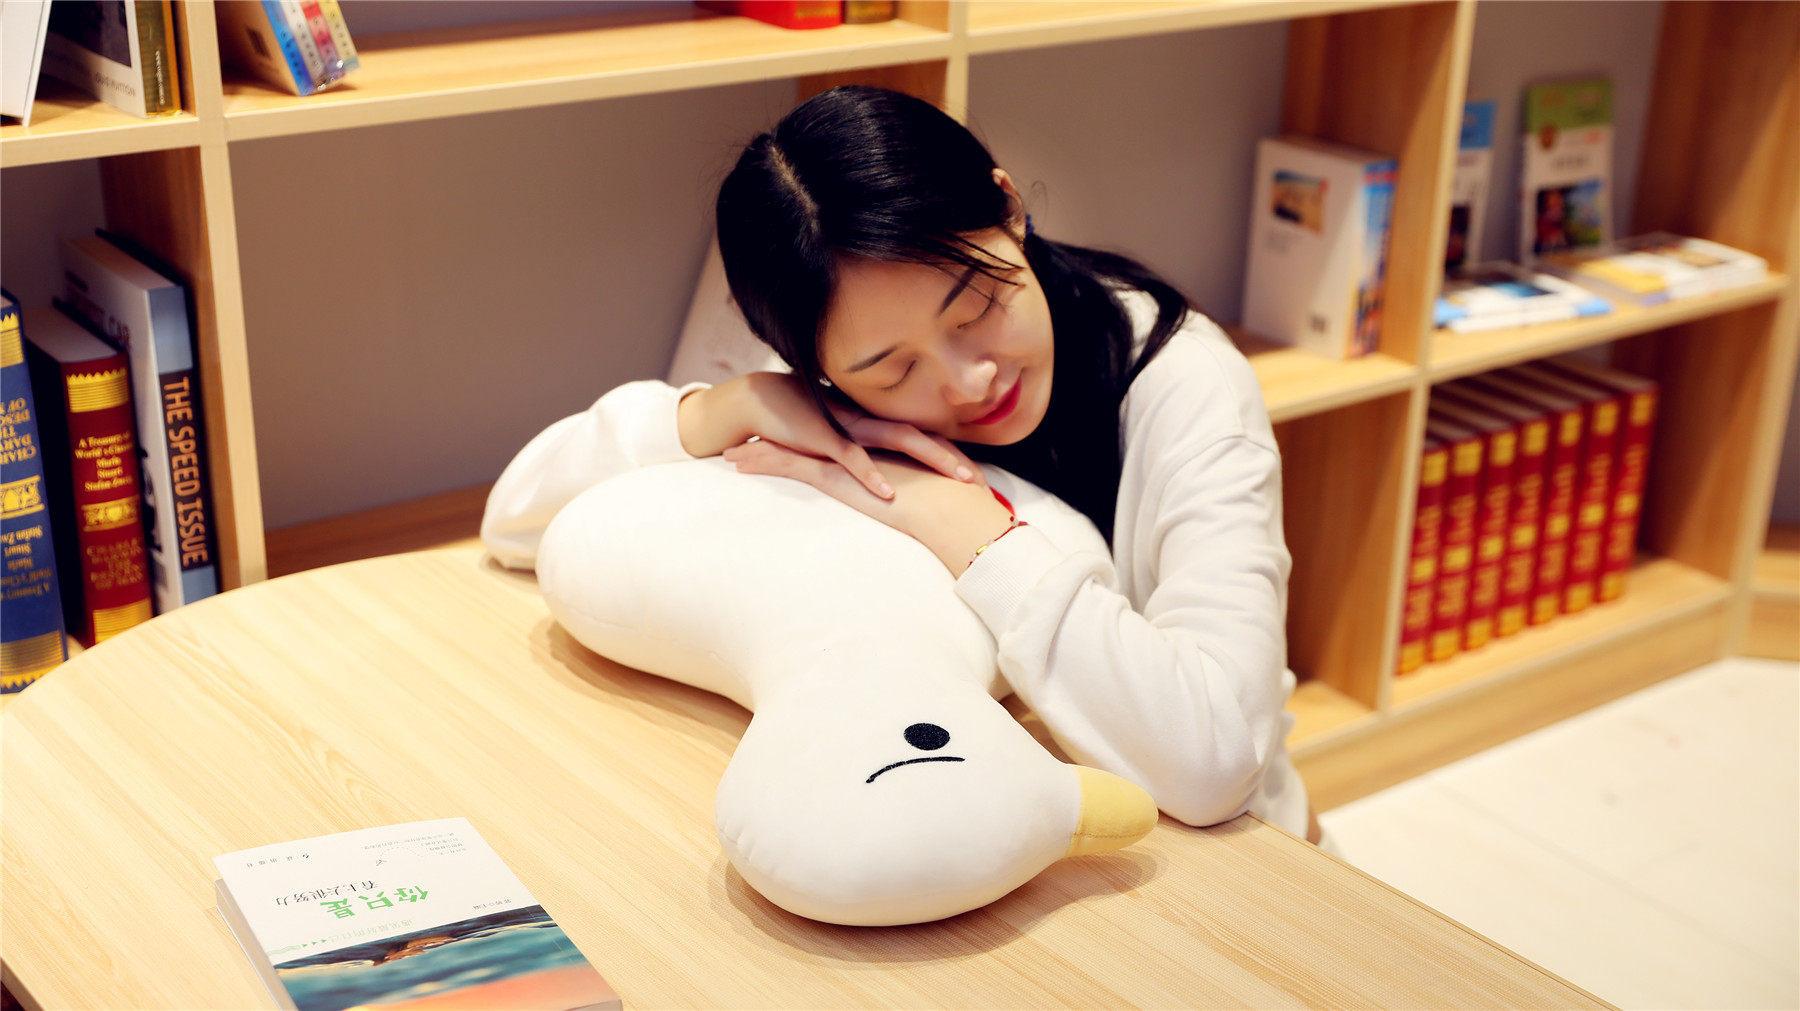 Almohada de muñeca de pato de celebridad en línea, almohada de plumas de pato blanco grande, pijama perezoso rong wan Joo, almohada de gran tamaño, decoración de habitación para niños